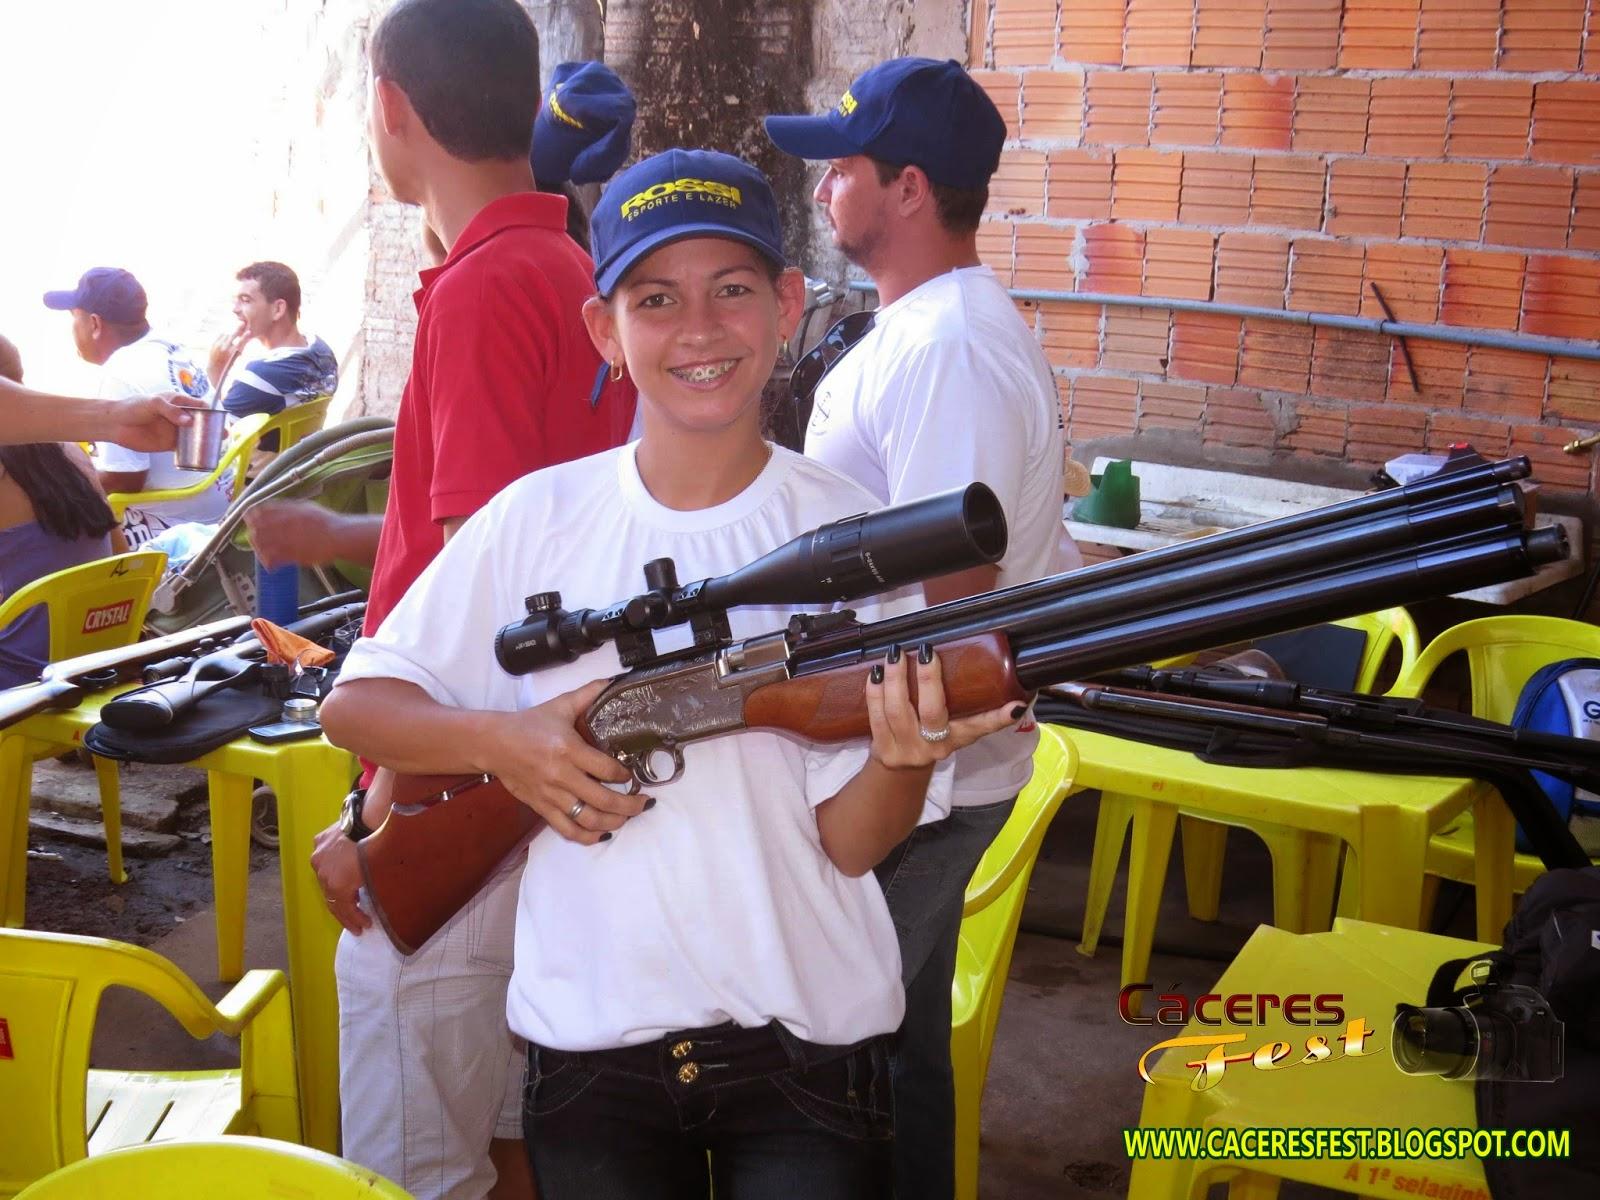 http://caceresfest.blogspot.com.br/2014/08/3-torneio-de-carabina-de-pressao.html